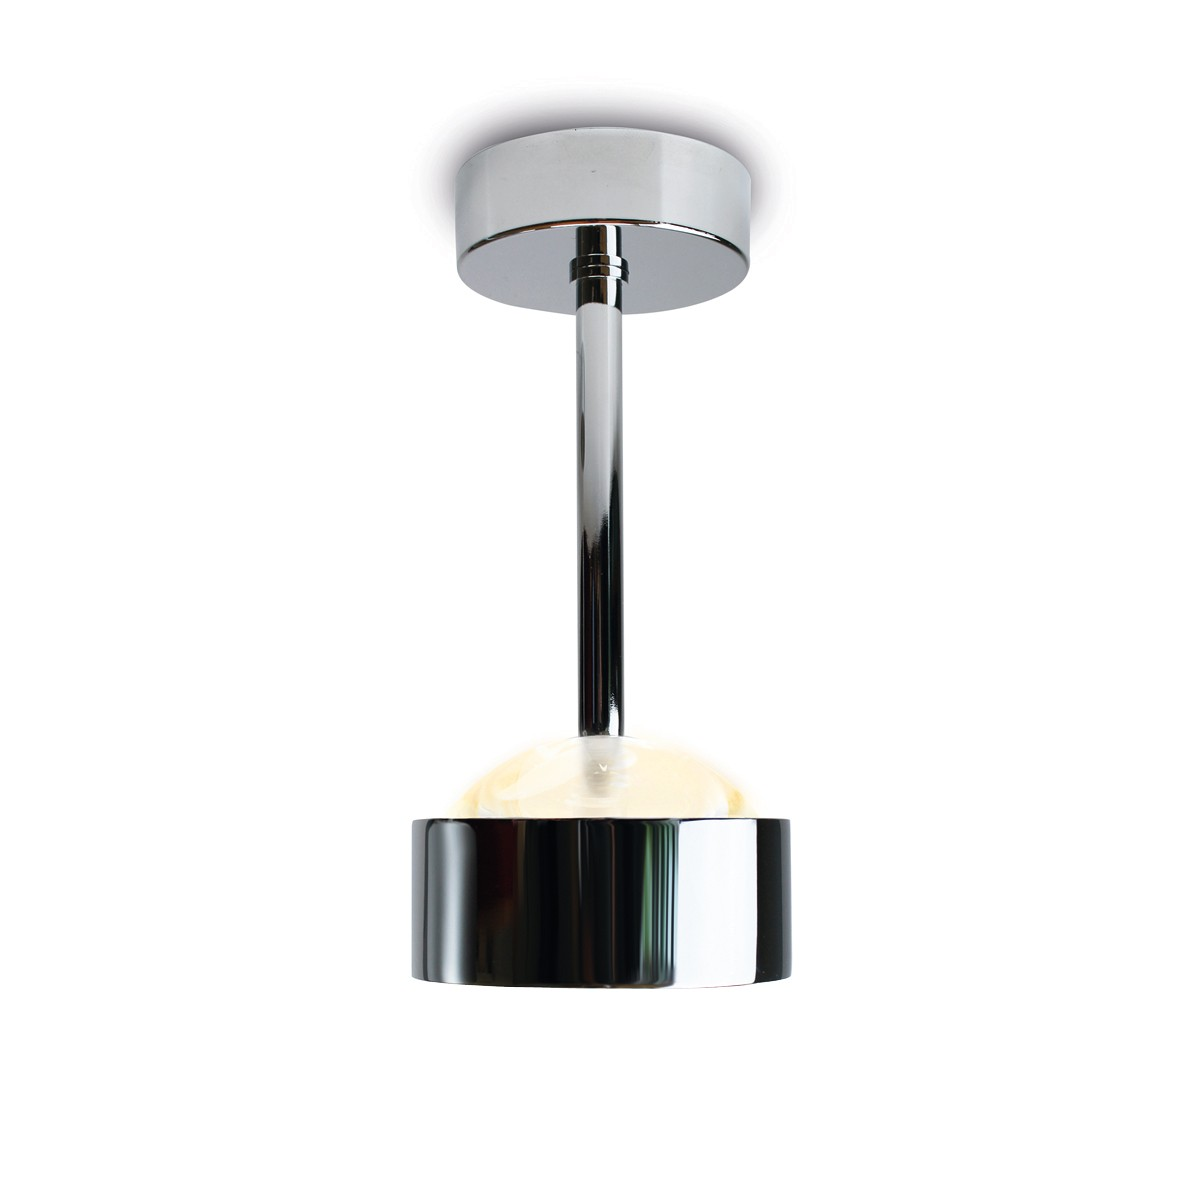 Top Light Puk Eye Ceiling LED Deckenleuchte, Chrom